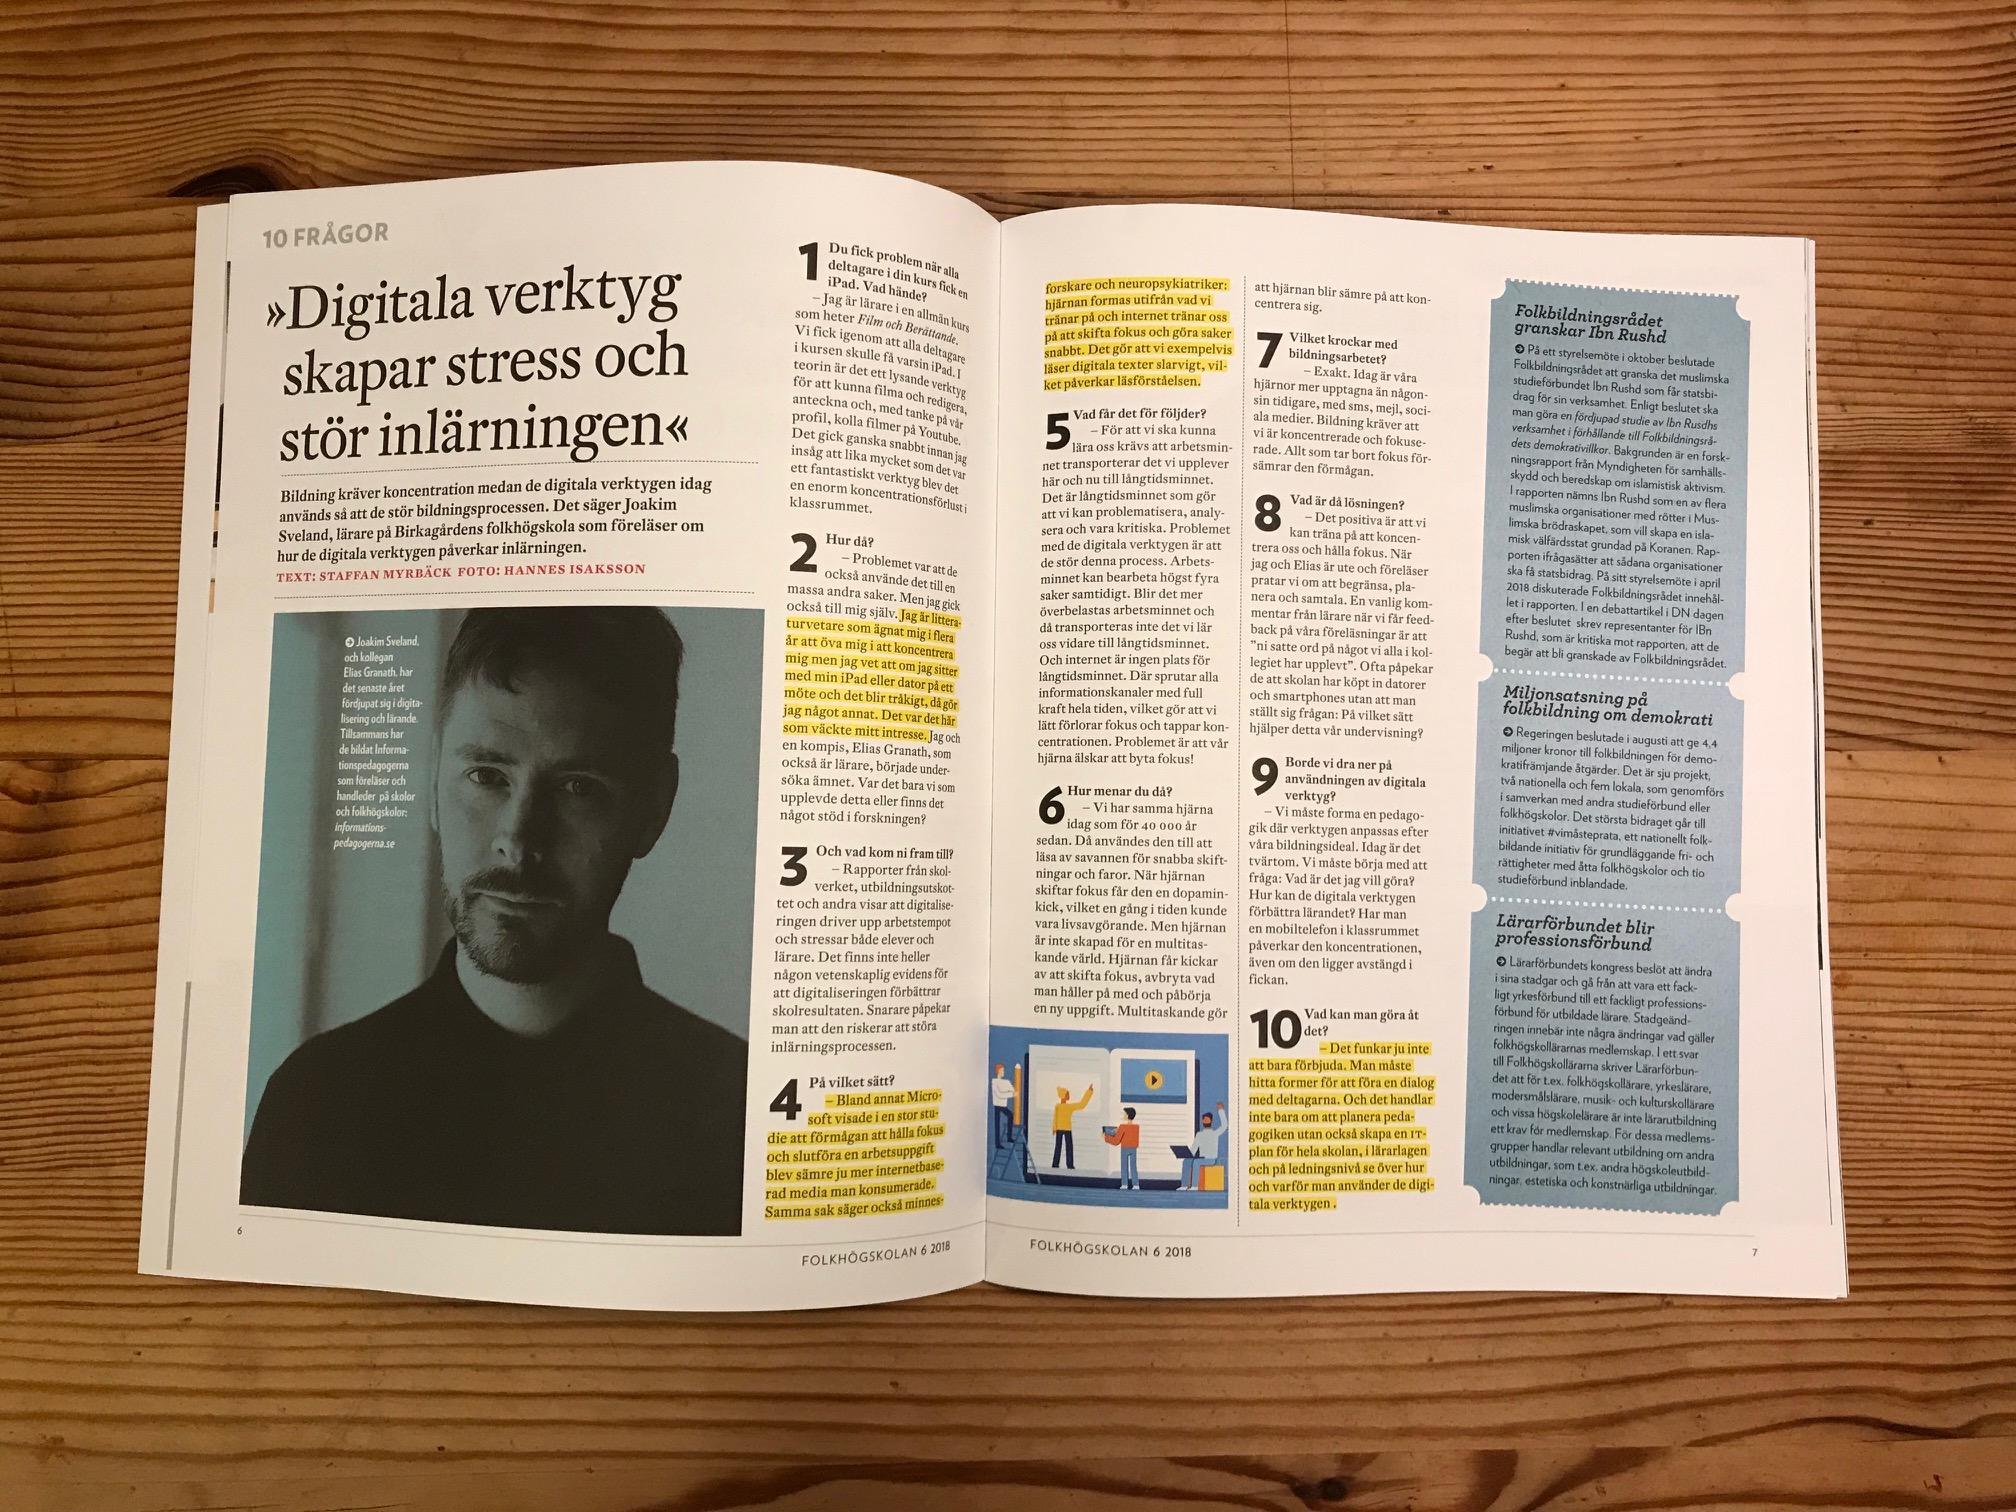 - Jag, Joakim Sveland, intervjuas i senaste numret av Tidskriften folkhögskolan (nr 6/2018) om digitalisering och lärande. Går att läsa digitalt här.